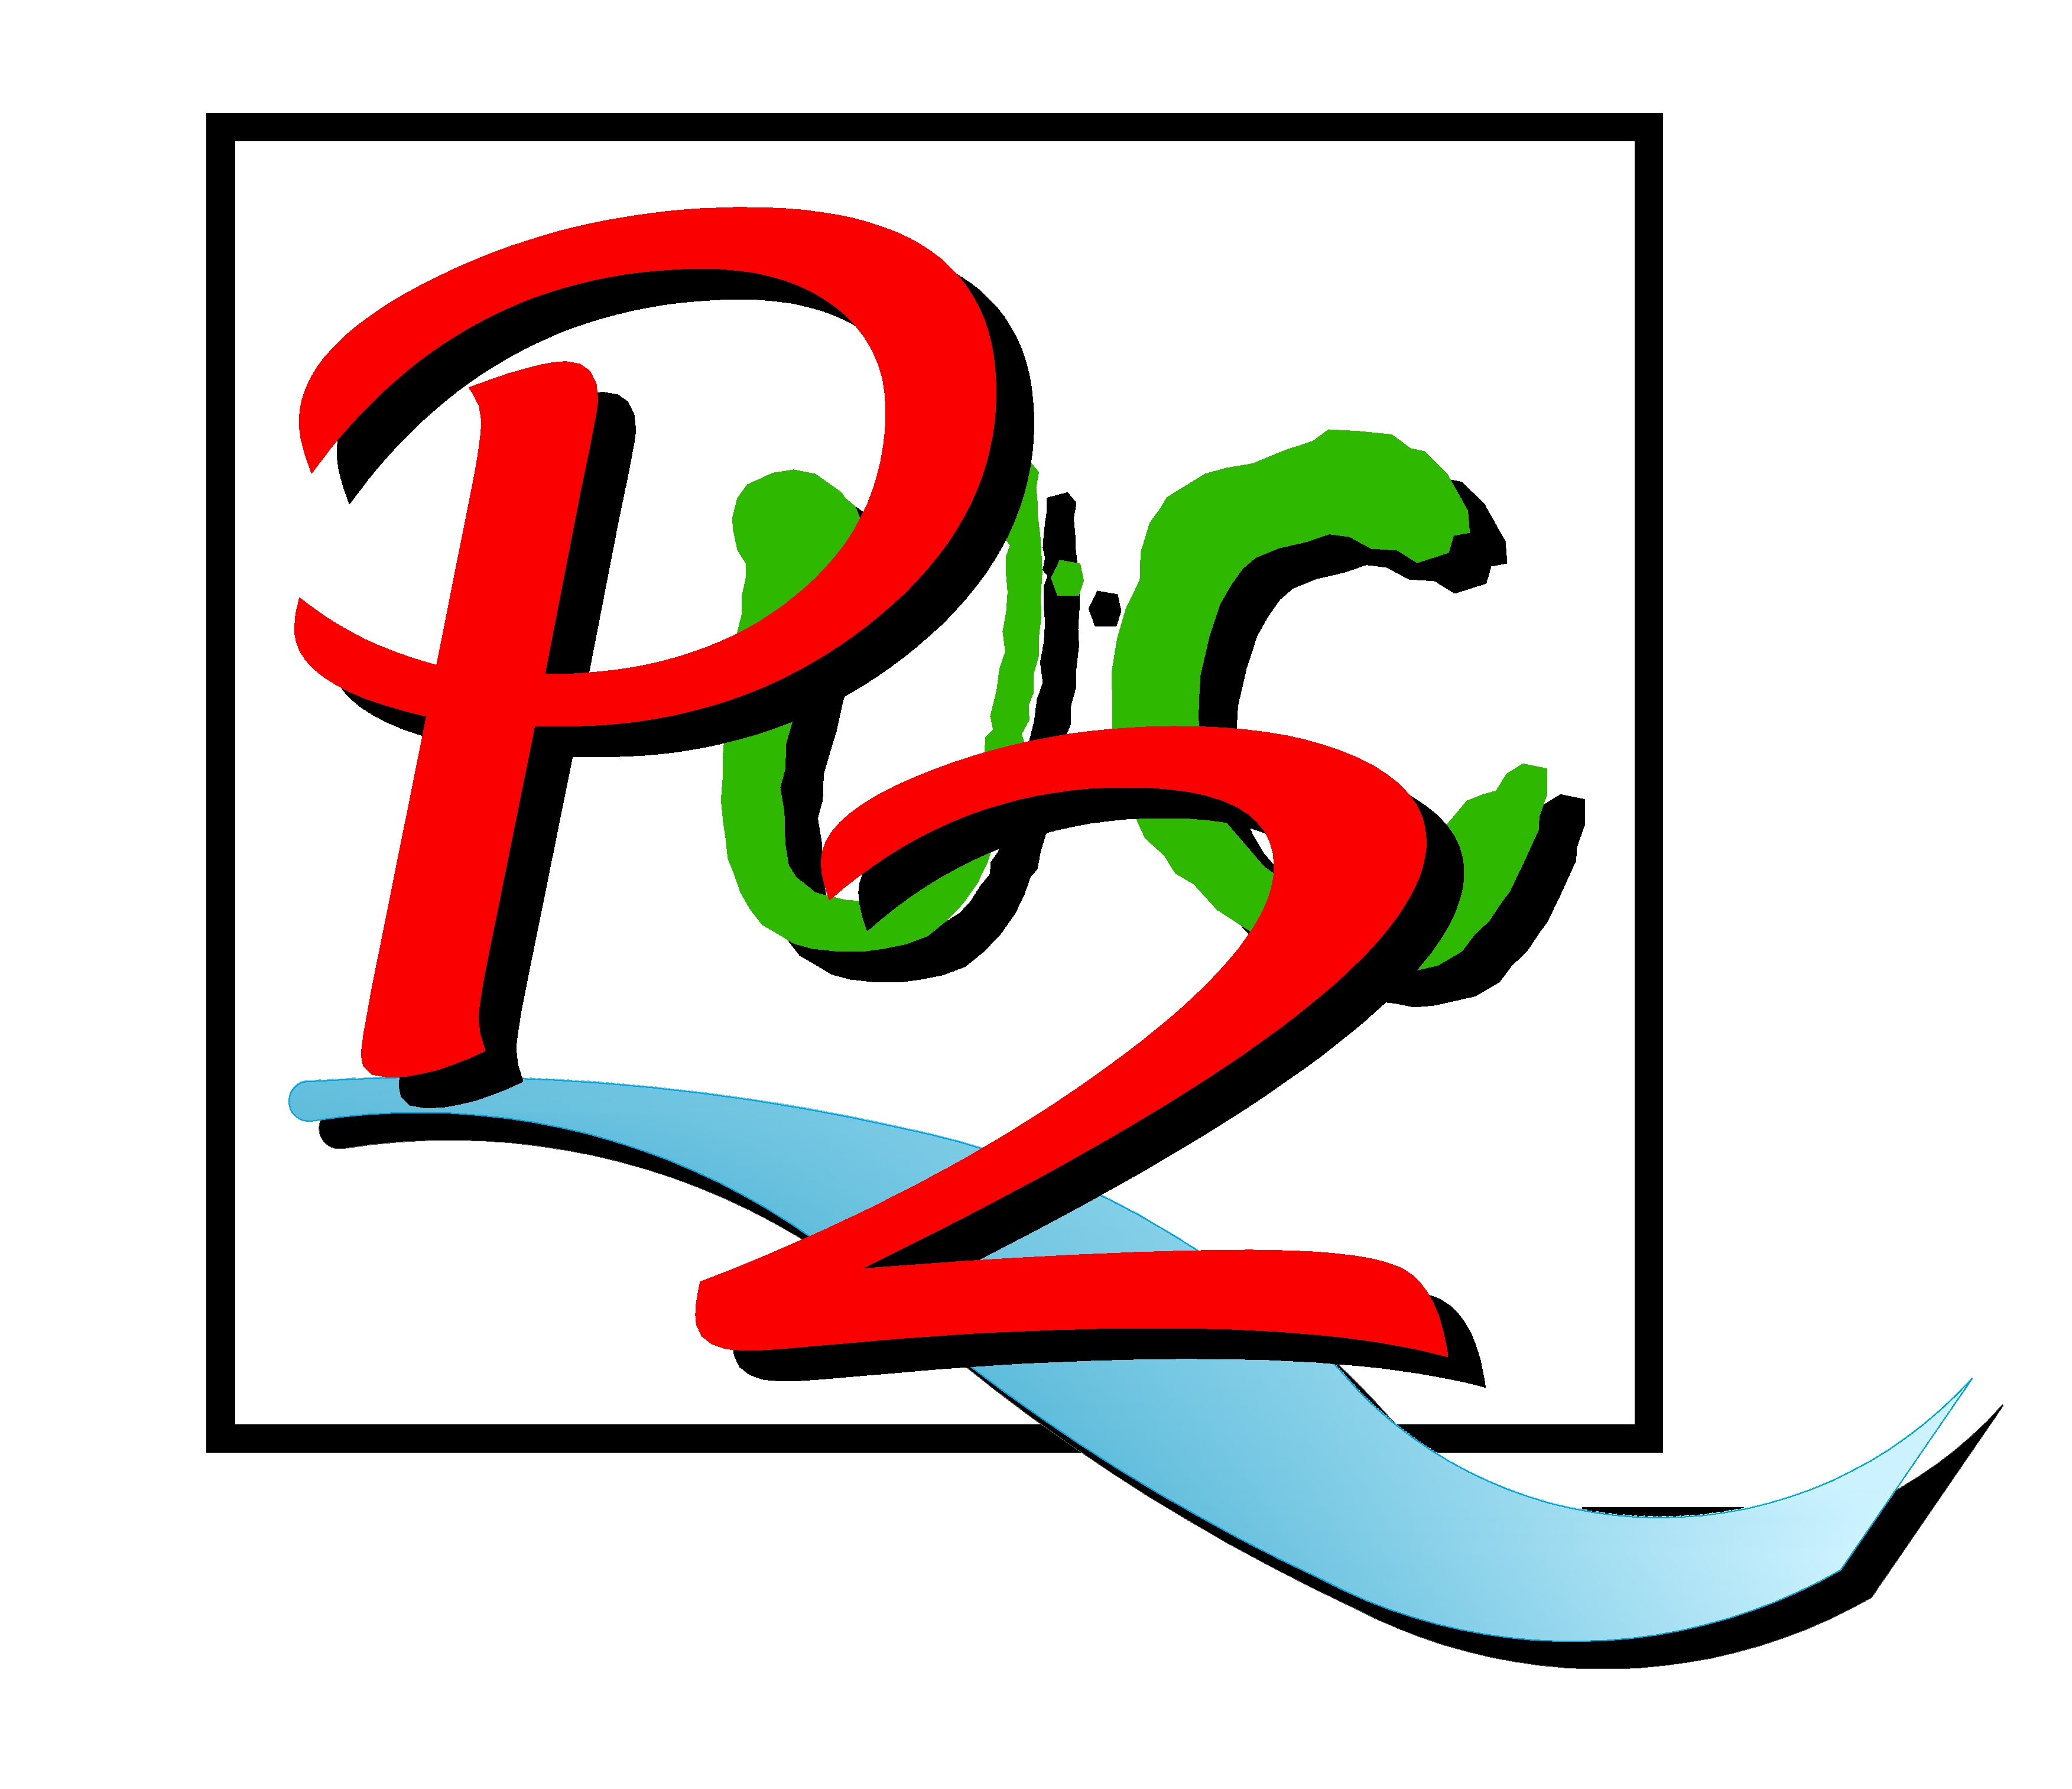 PUC2 alta ris